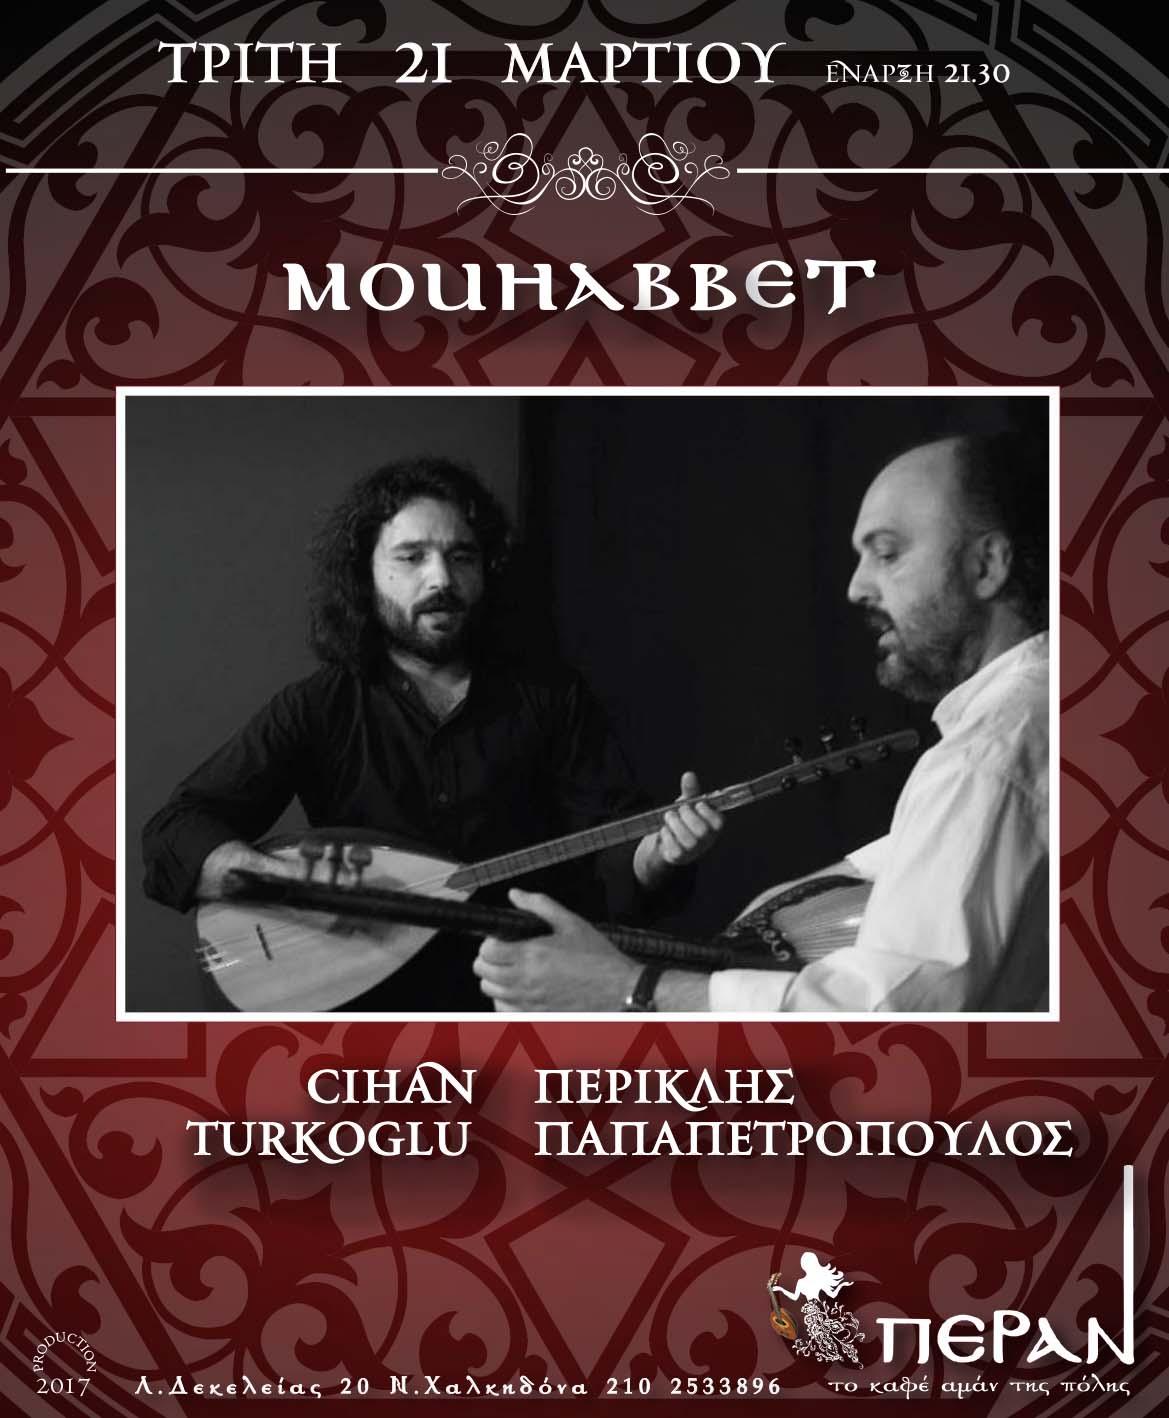 MOUHABBET 21-3